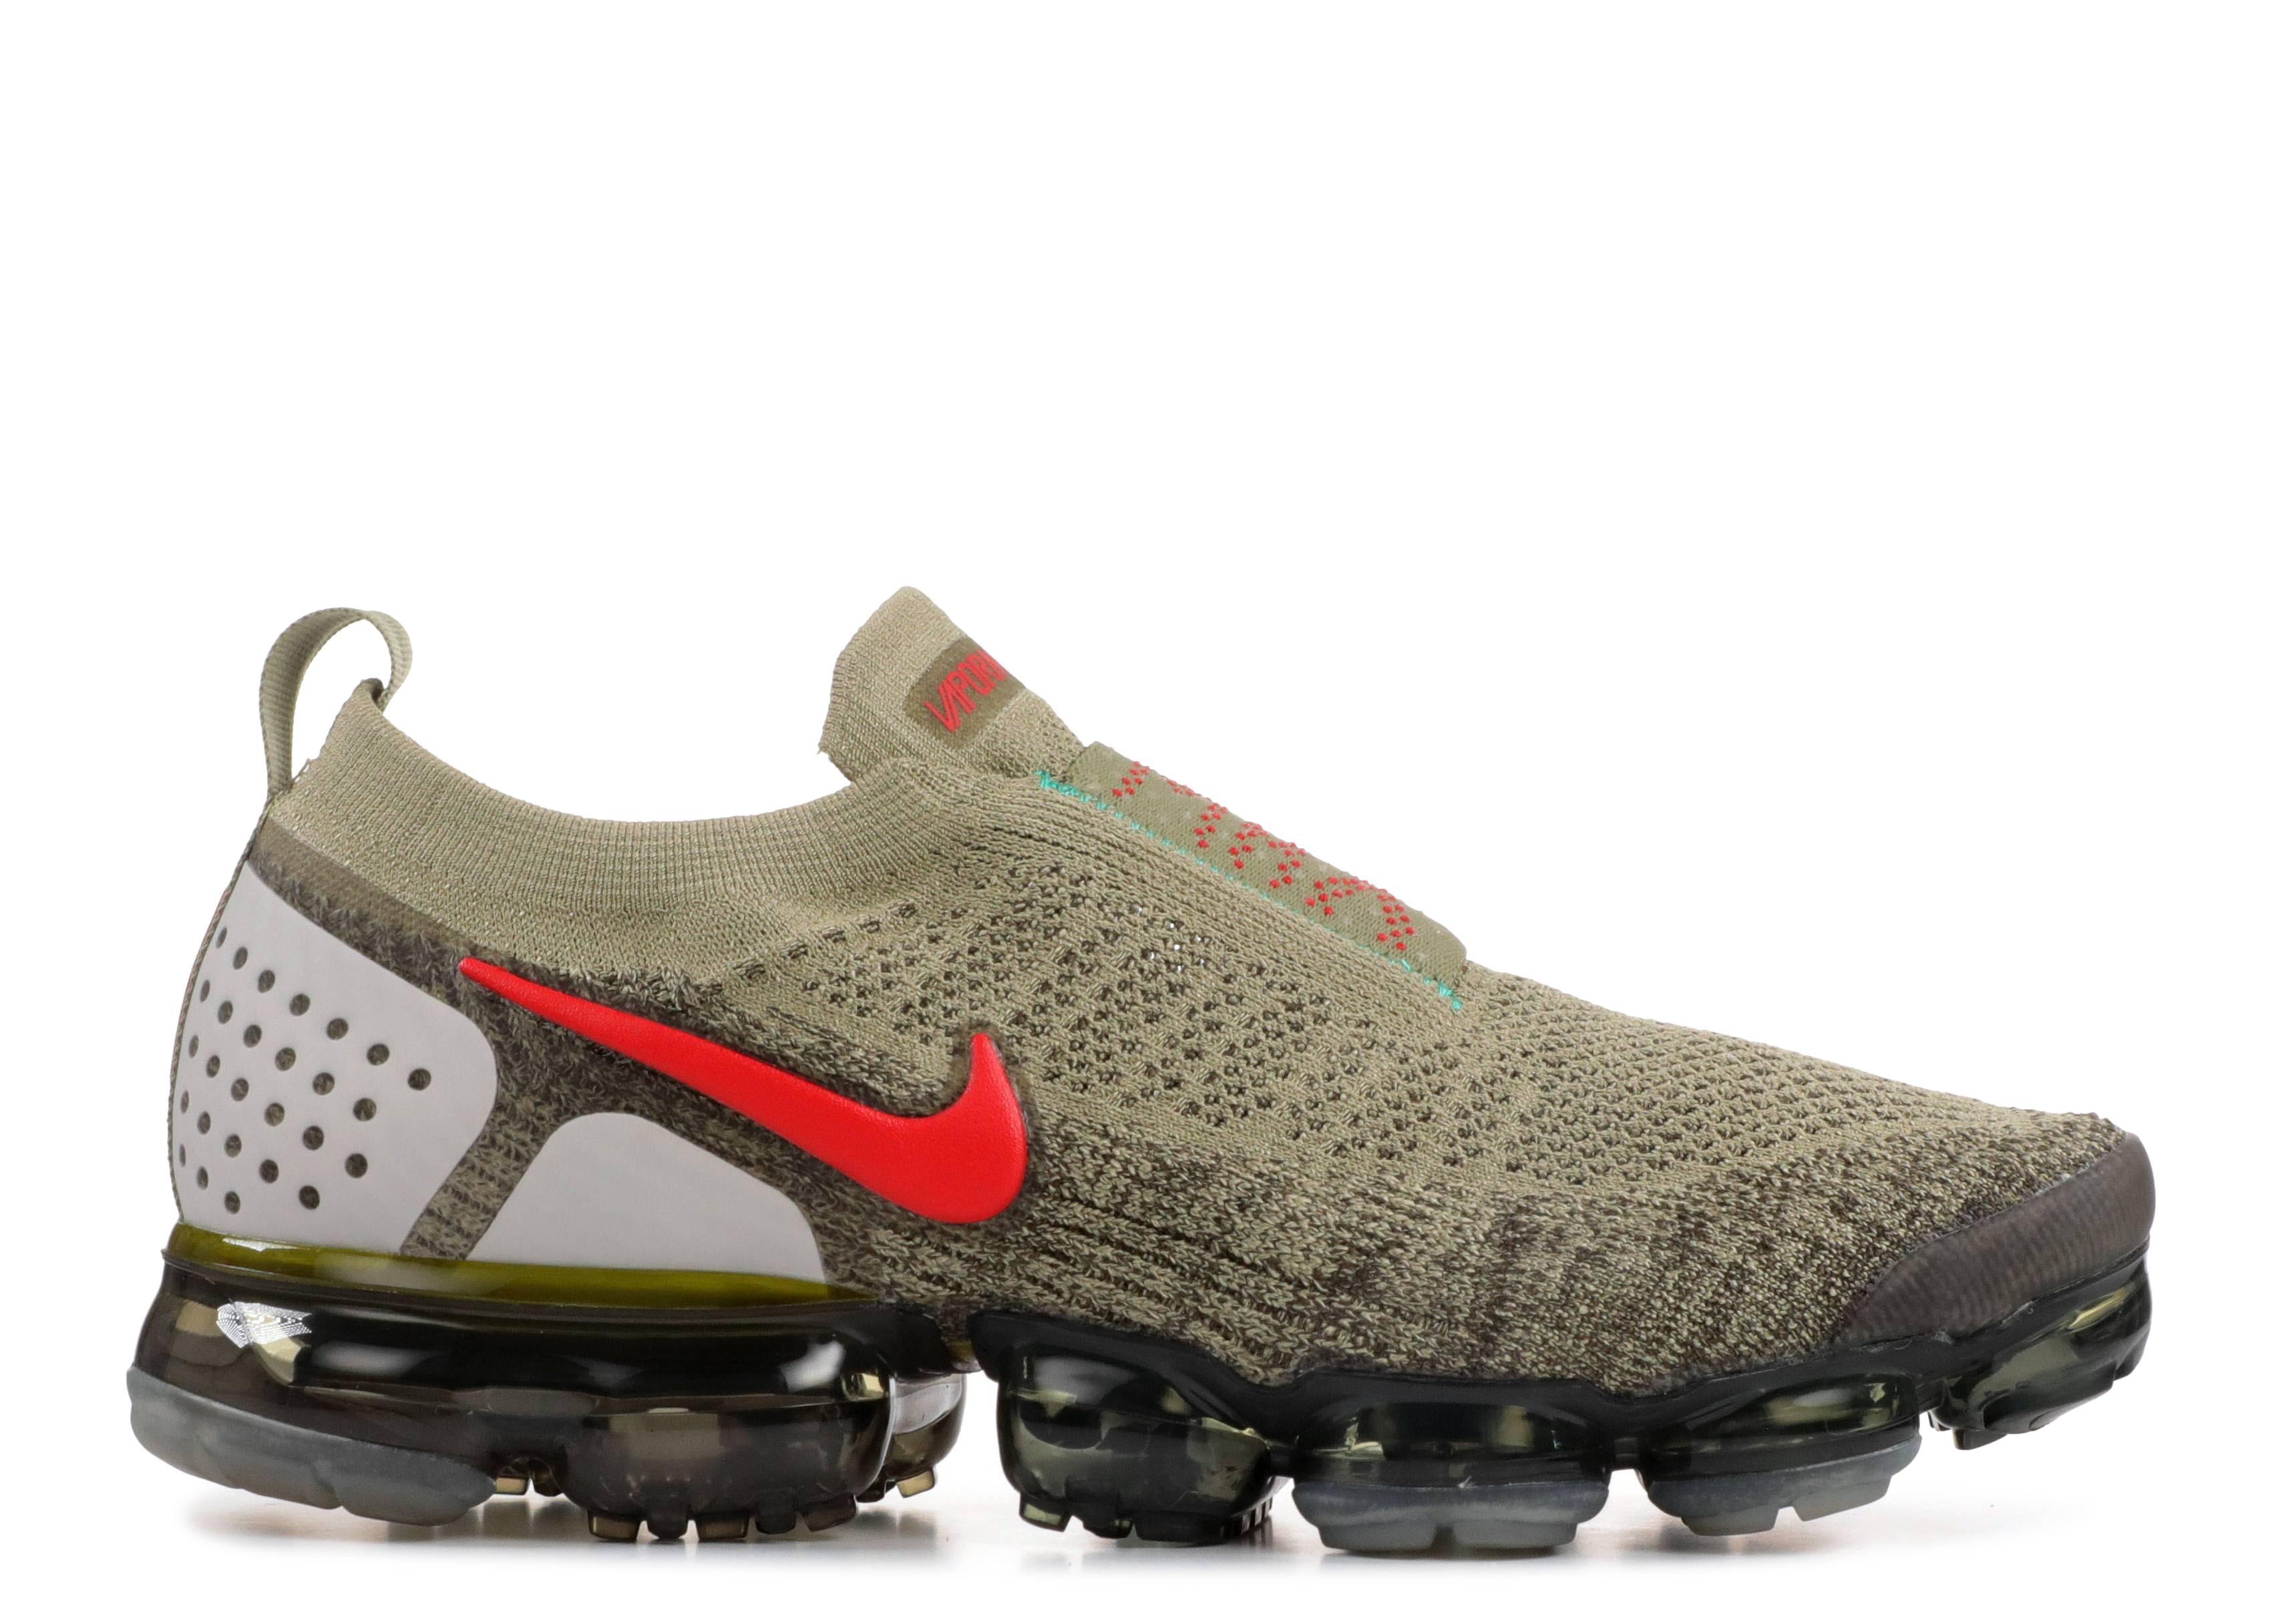 aea61a206c0 Nike Air Max Fk Moc 2 - Nike - ah7006 200 - neutral olive  habanero ...